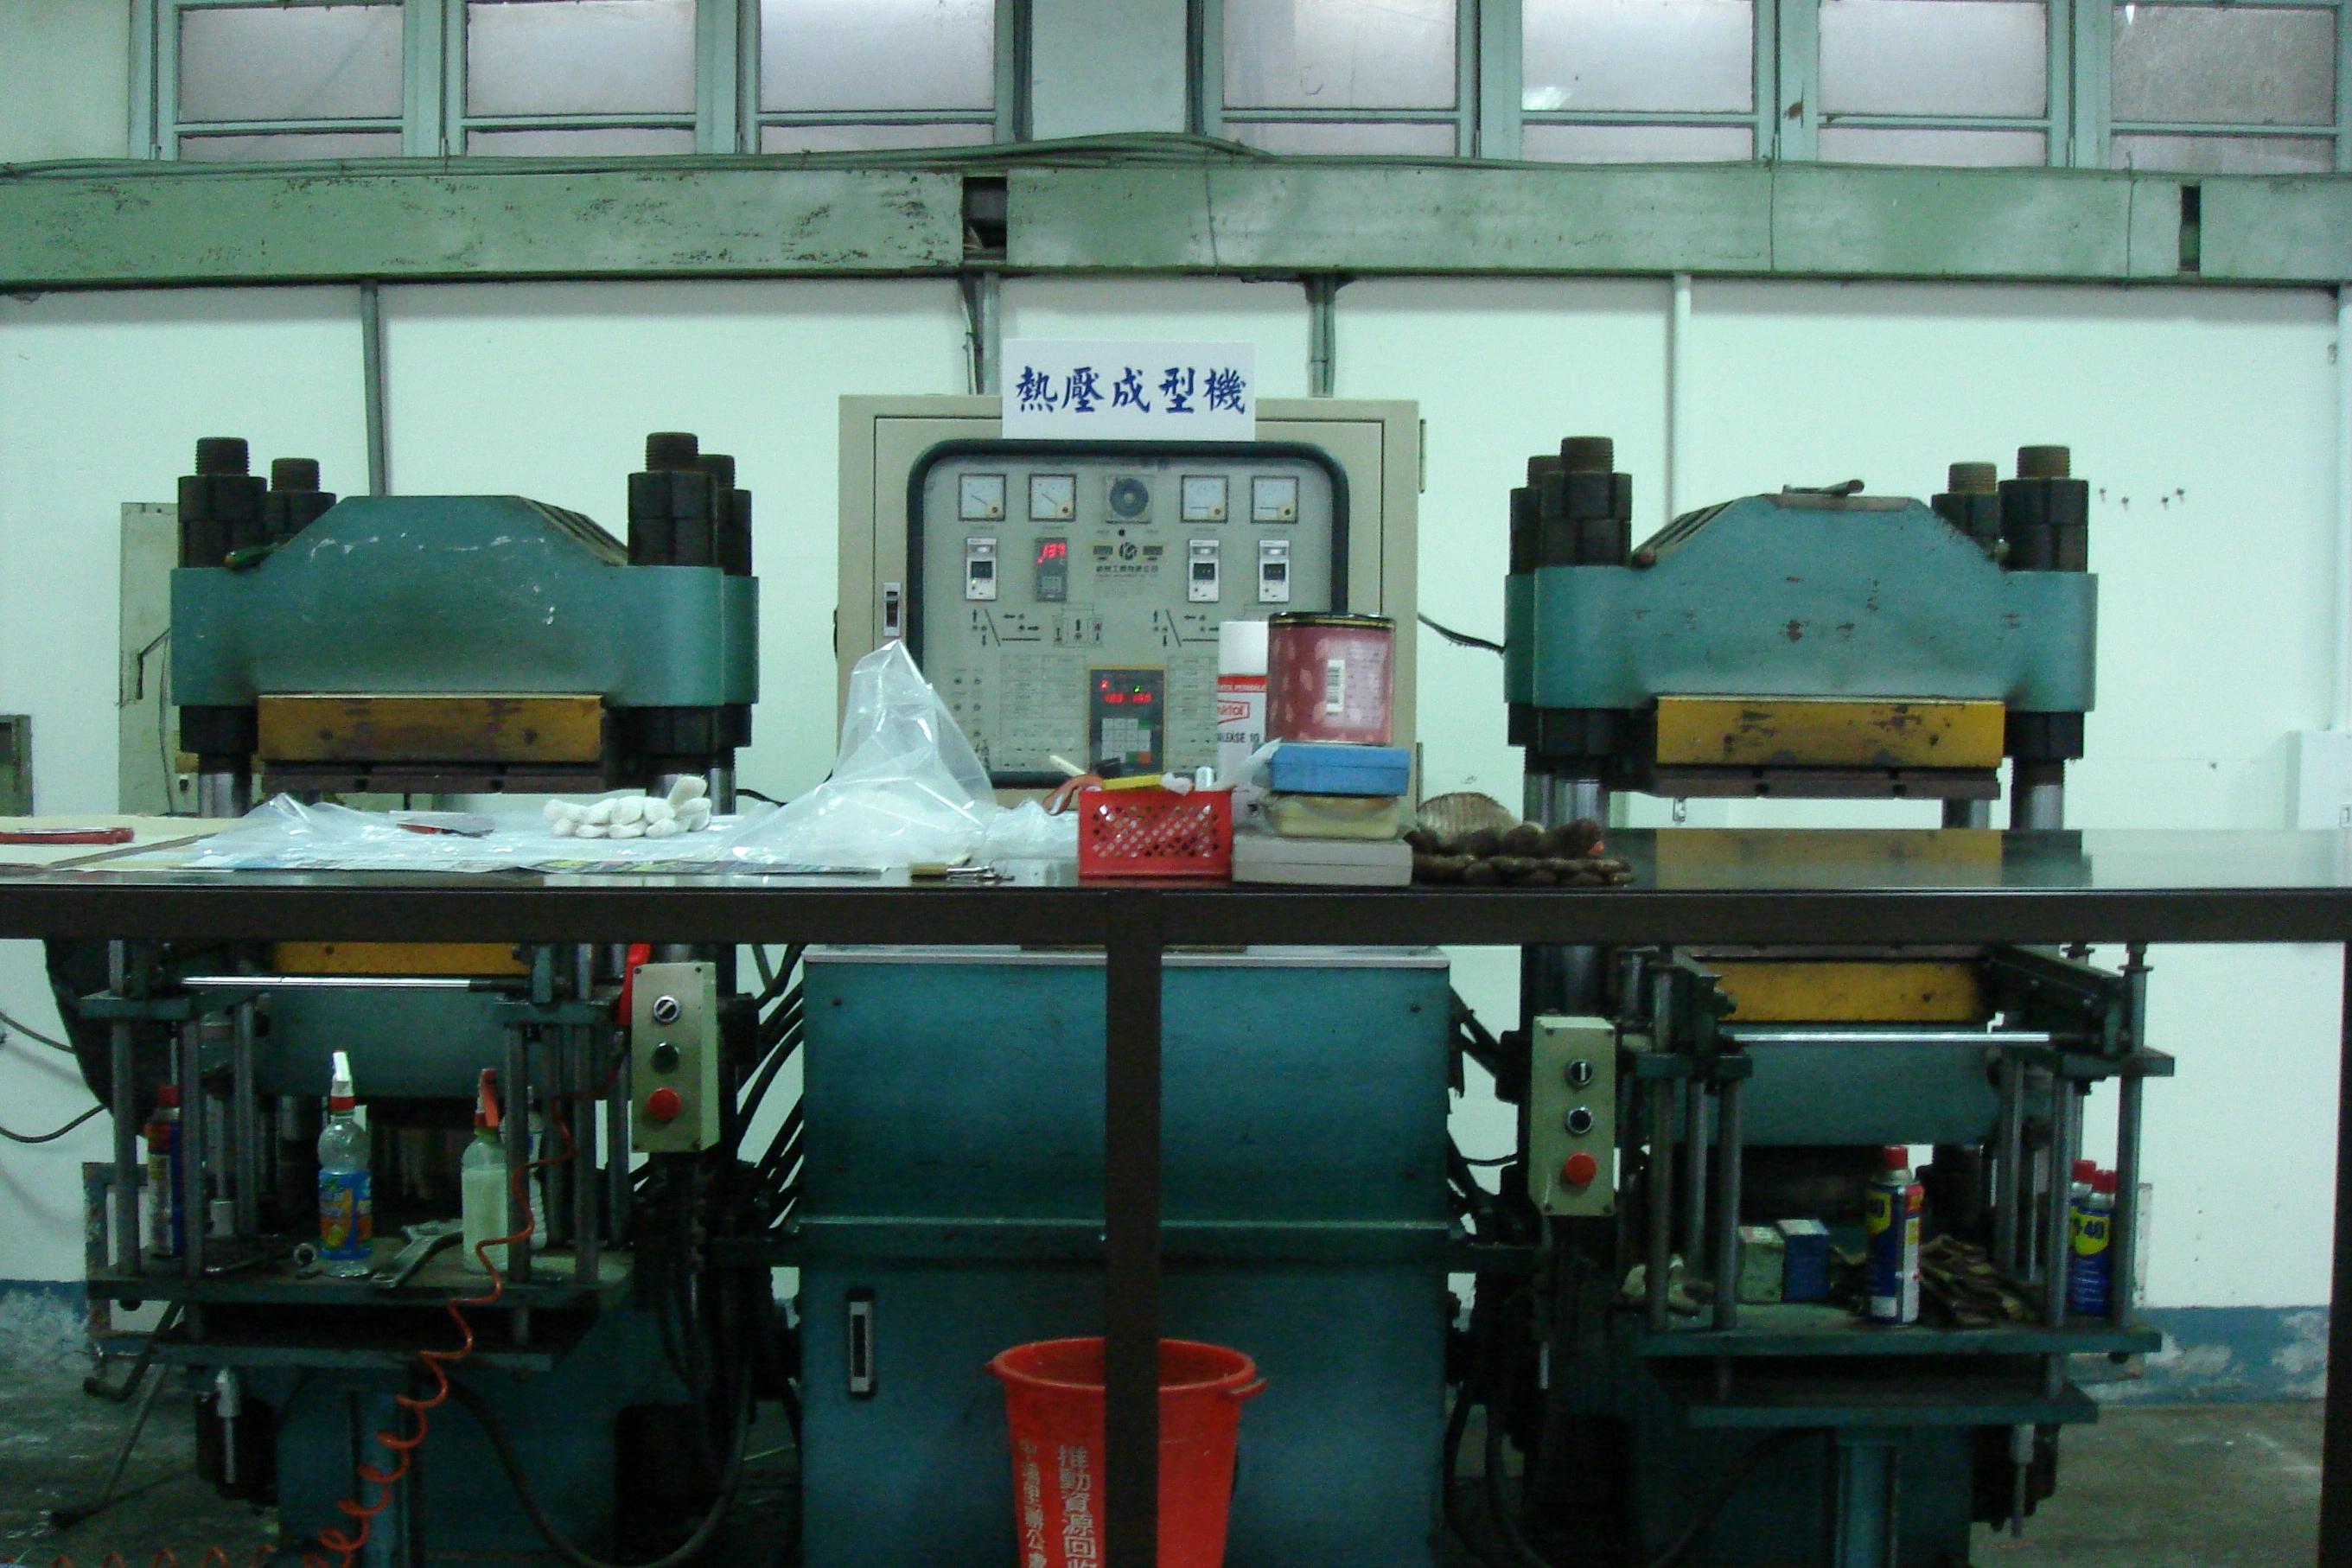 橡膠設備 (1).JPG